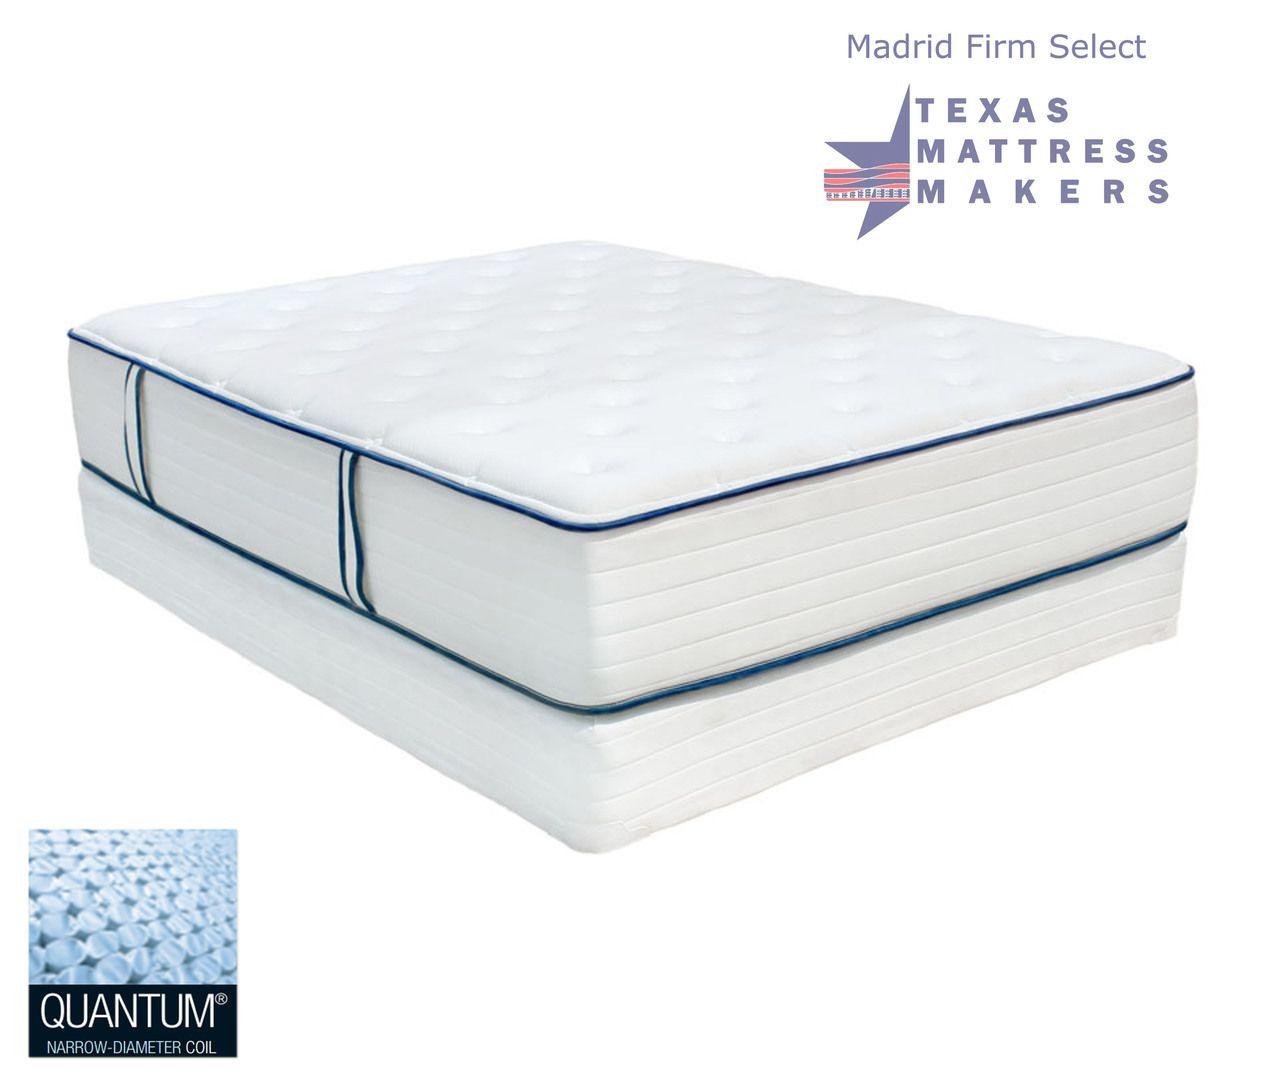 Texas Mattress Makers - Madrid Firm Select Mattress, $1,649.00 Queen Set (http://www.texasmattressmakers.com/madrid-firm-select-mattress/)